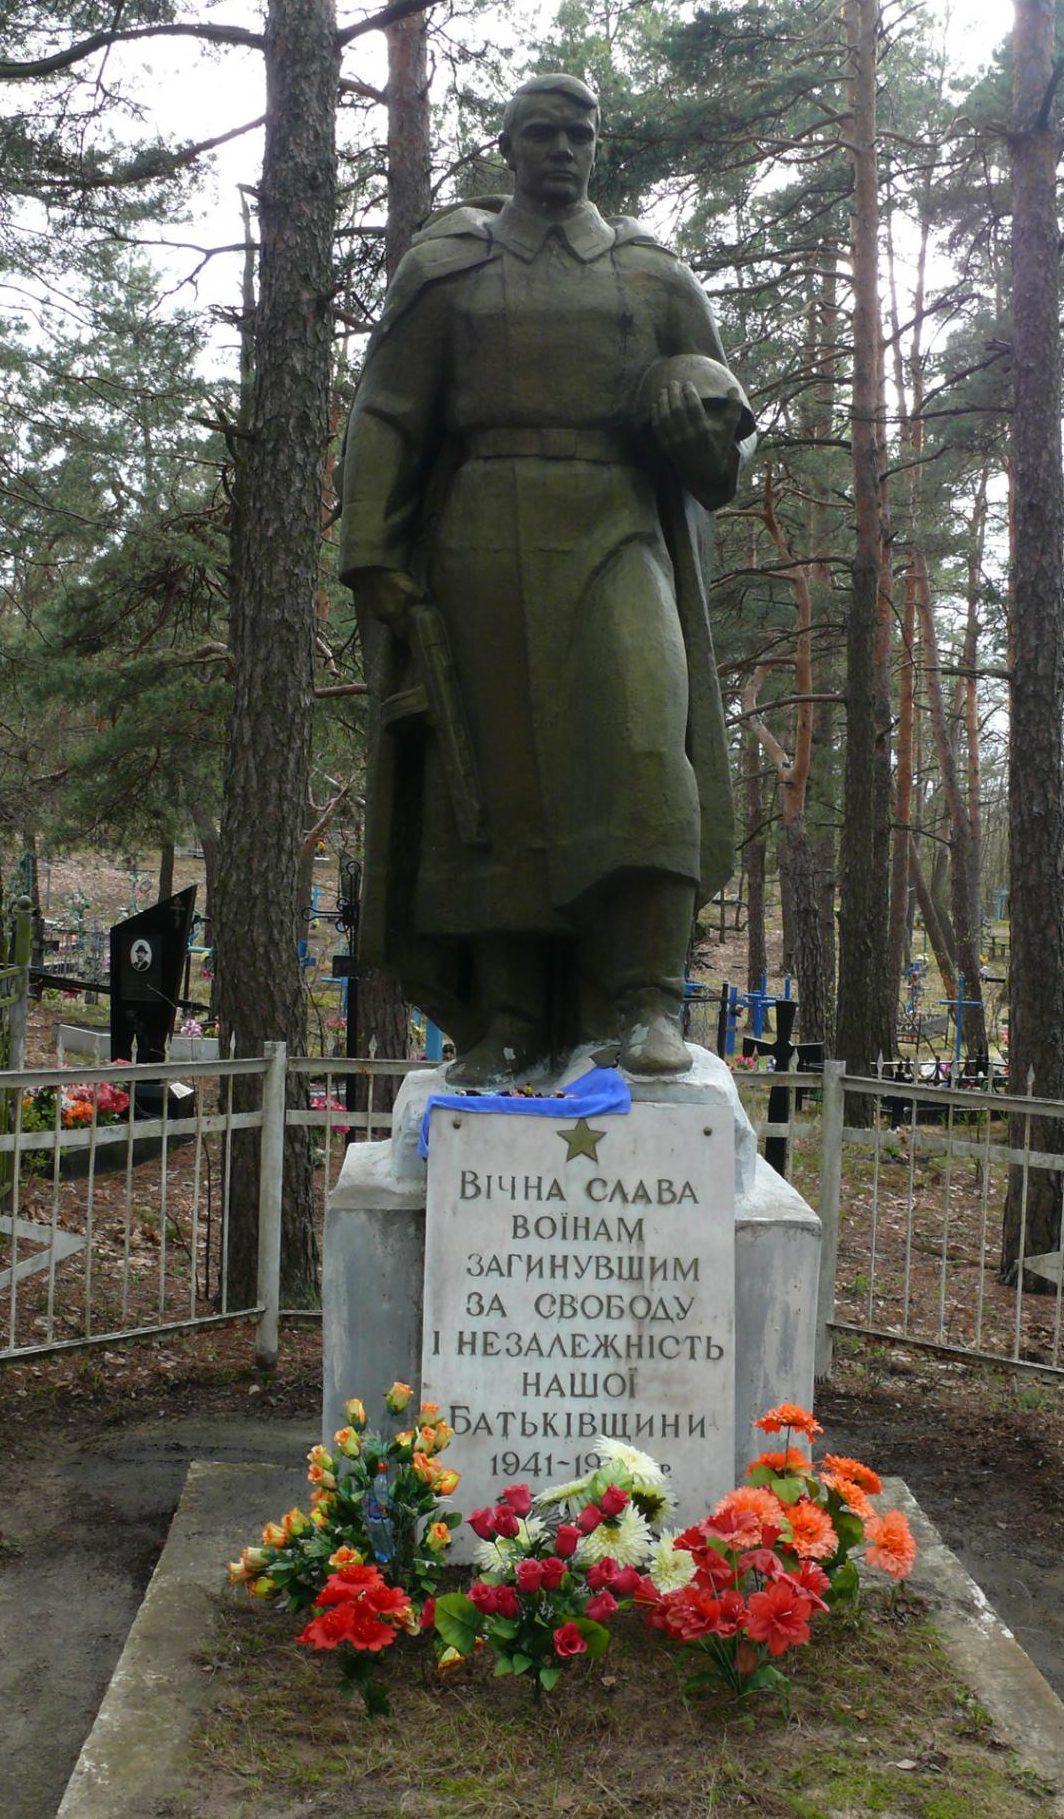 с. Куповатое, Чернобыльская зона отчуждения. Памятник на кладбище, установленный на братской могиле воинов погибших в годы войны.